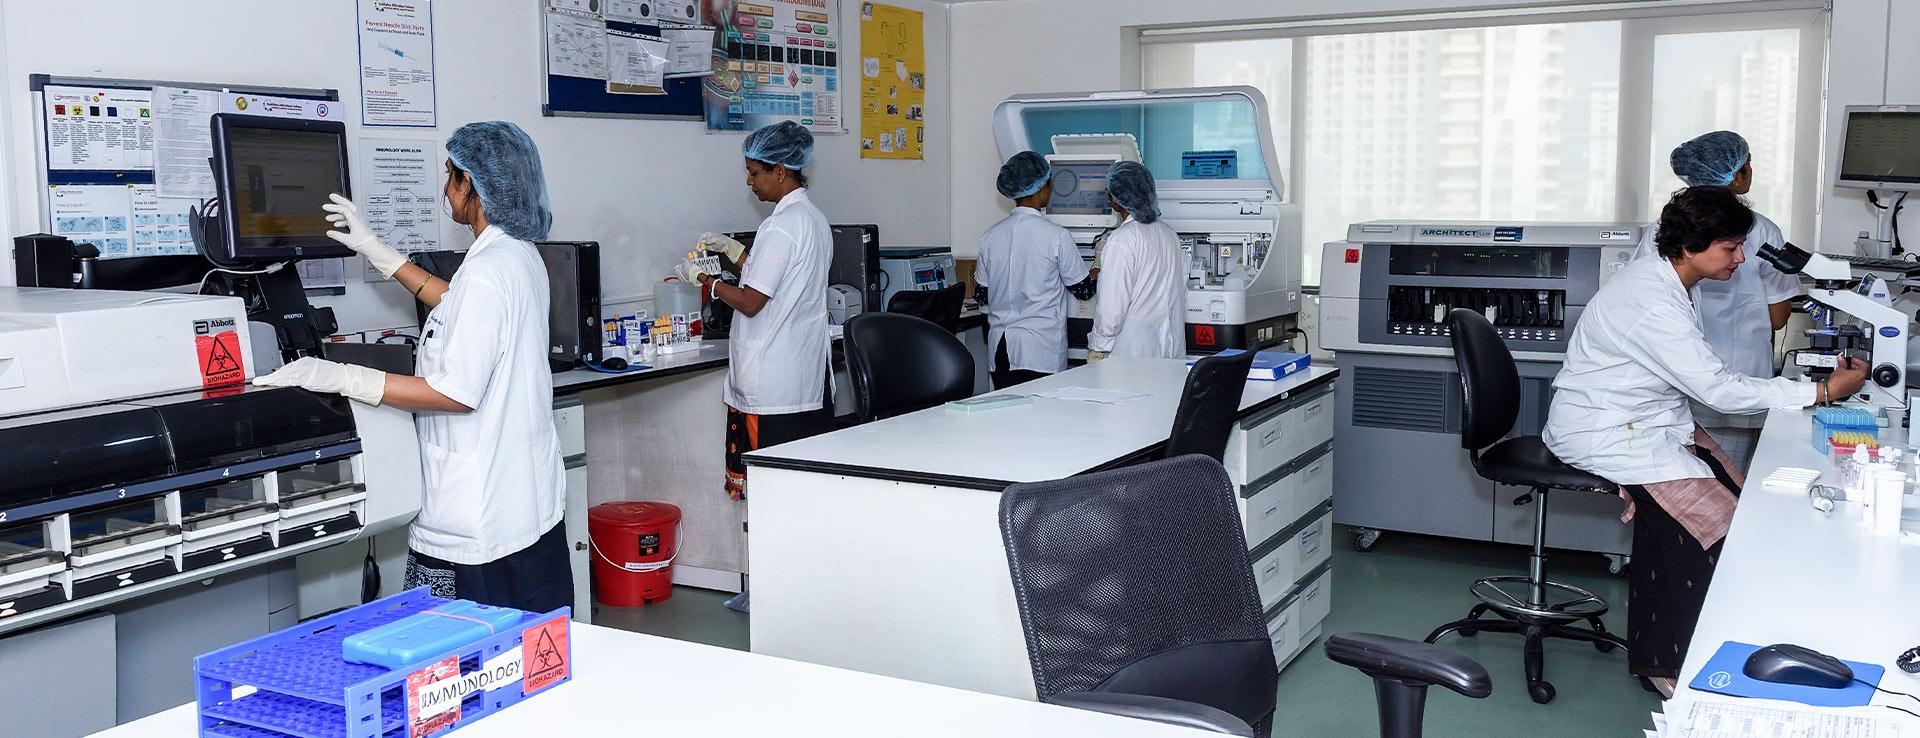 immunology-laboratory